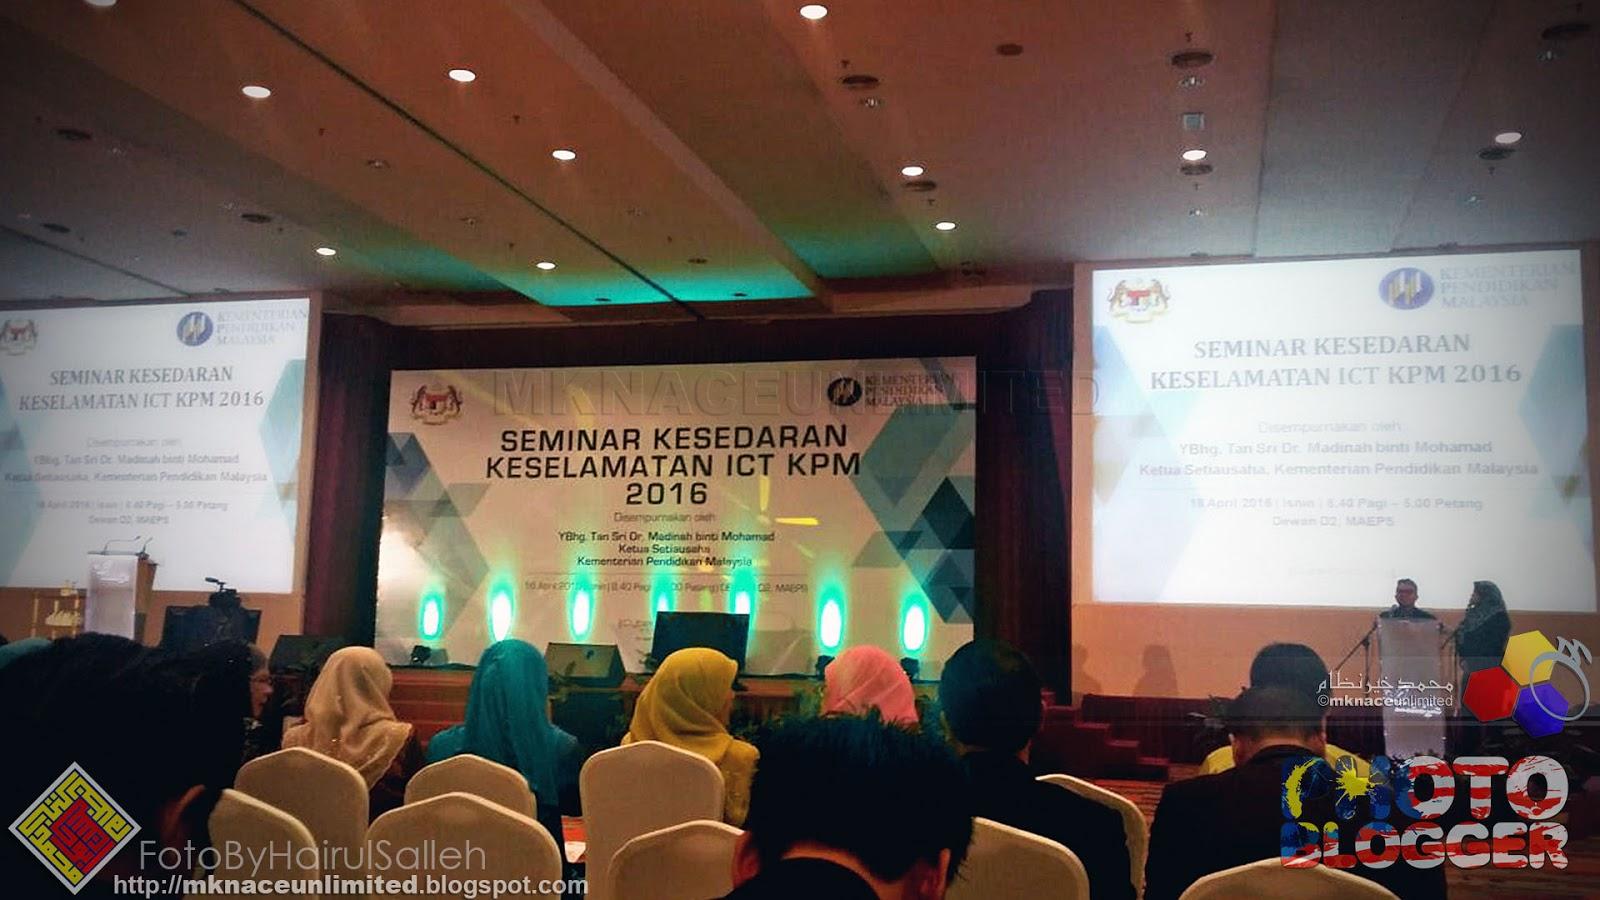 SEMINAR KESEDARAN KESELAMATAN ICT KEMENTERIAN PENDIDIKAN MALAYSIA (KPM) 2016 1684f99e09